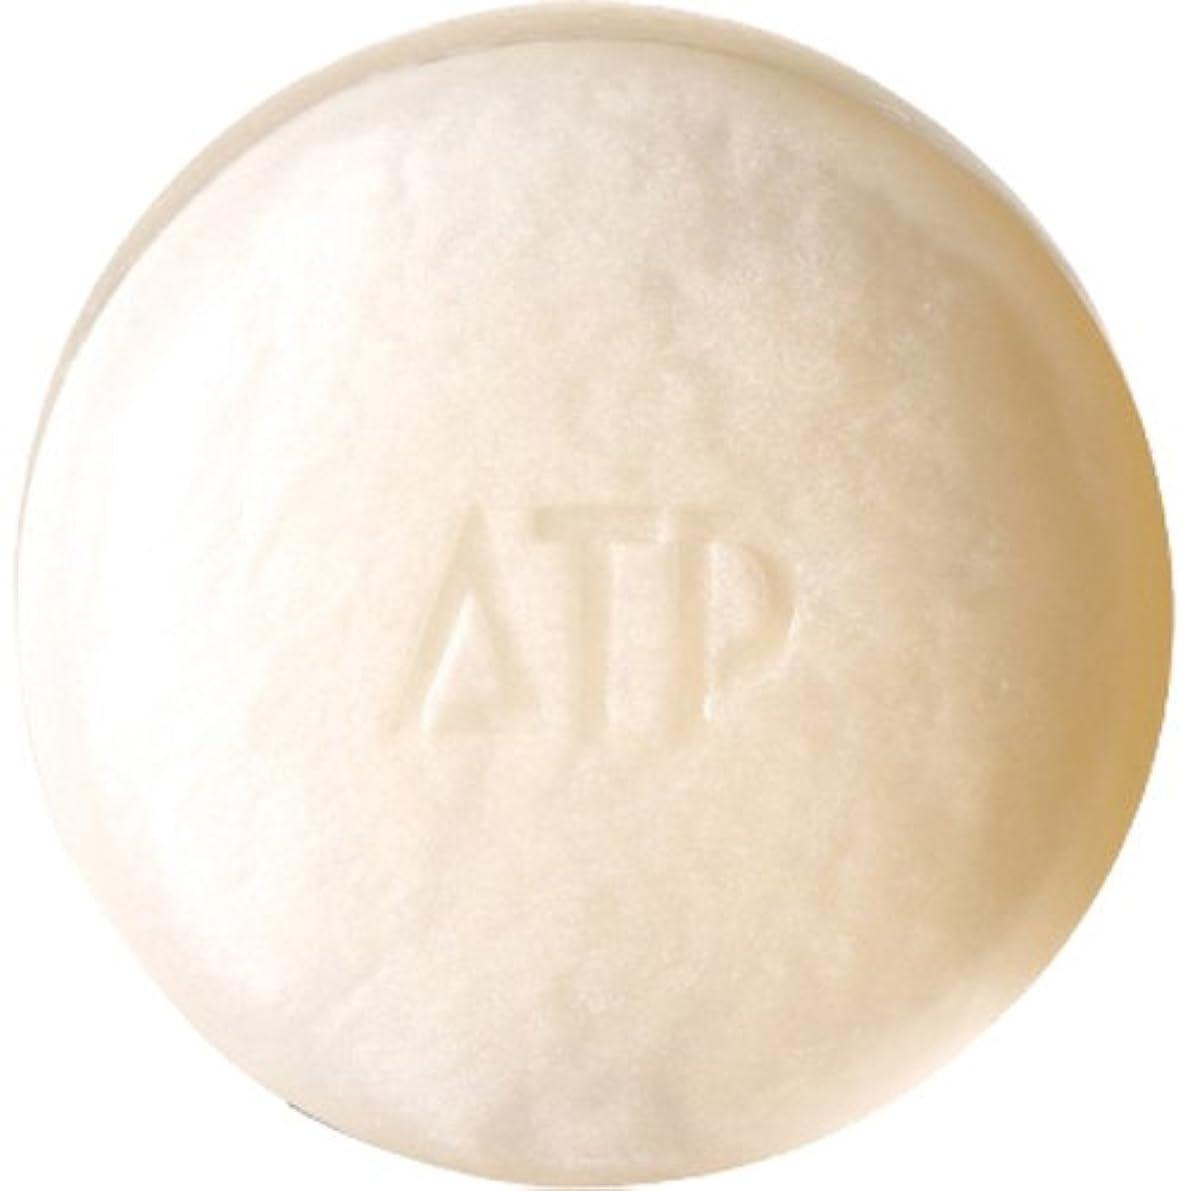 種類ブロックするどこでも薬用ATP デリケアソープ 100g ケースなし (全身用洗浄石けん?枠練り) [医薬部外品]